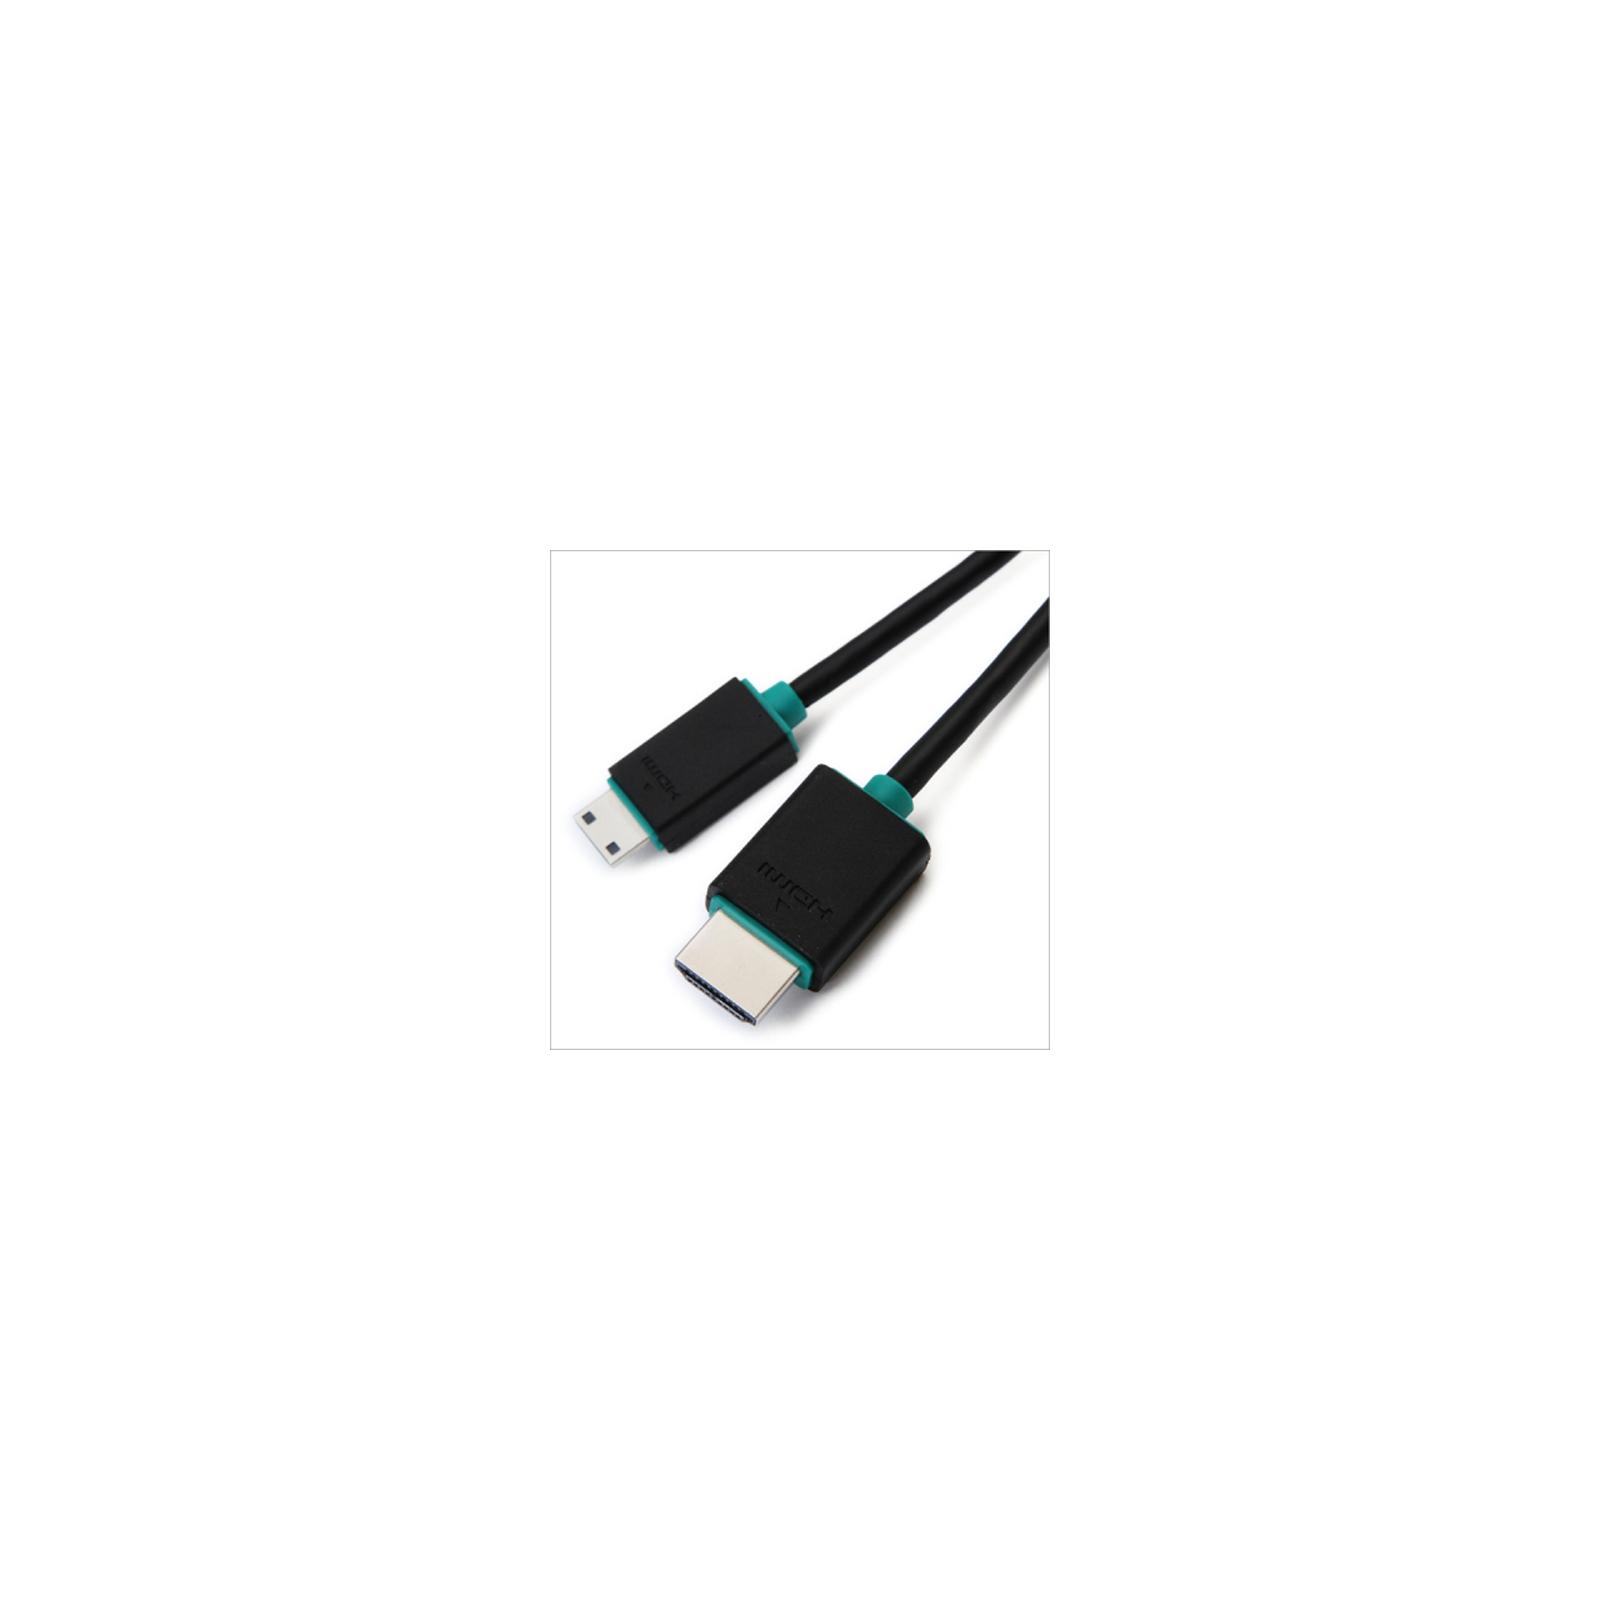 Кабель мультимедийный HDMI to miniHDMI 1.5m Prolink (PB349-0150) изображение 3